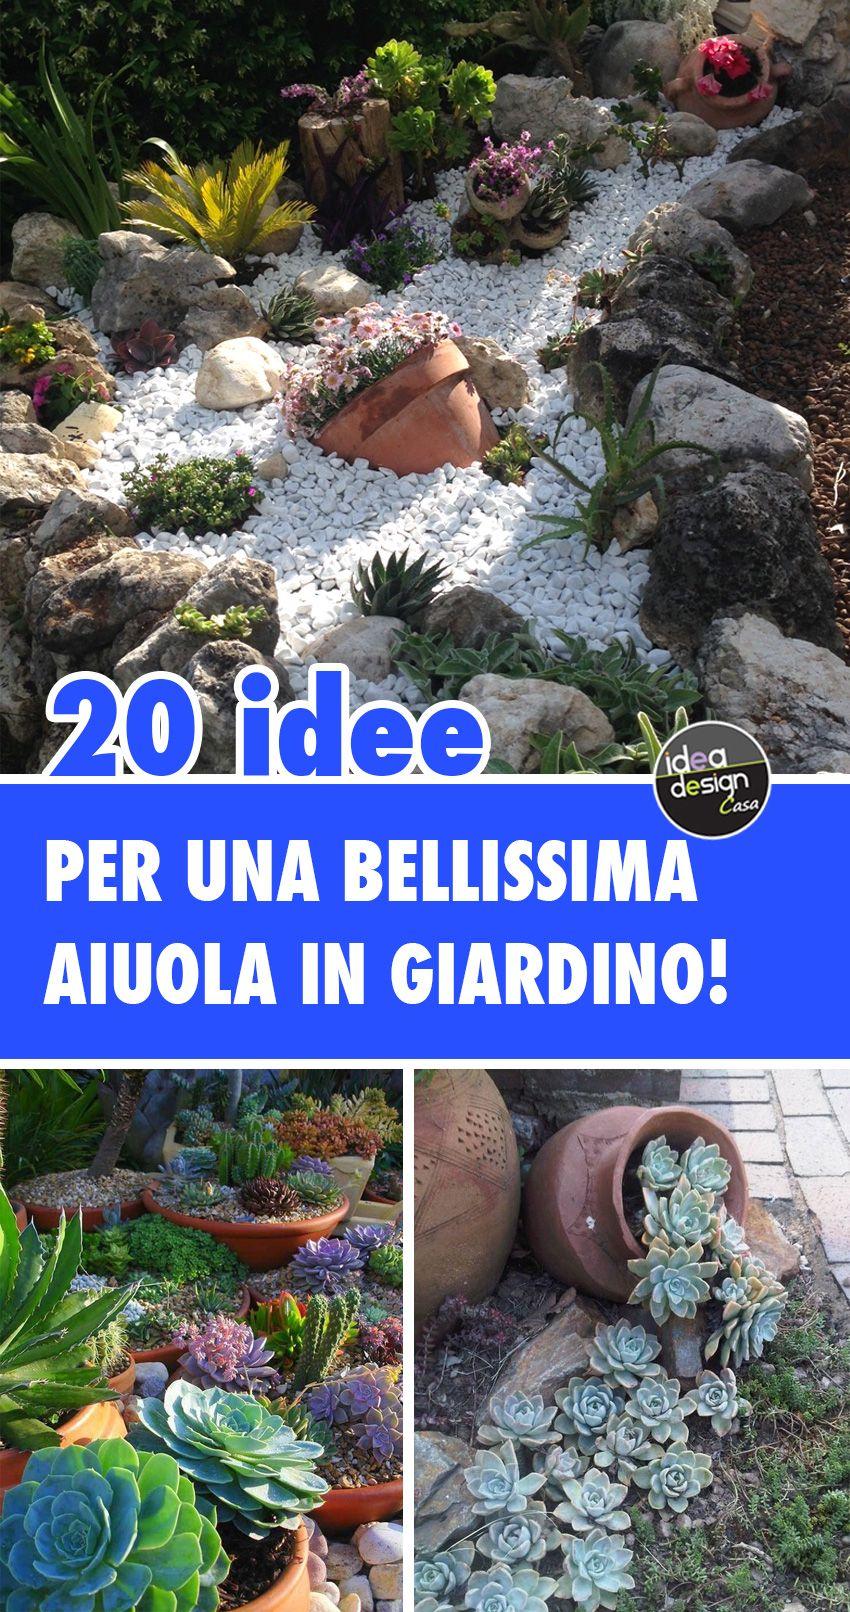 Piante Piccole Da Giardino aiuole creative! ecco 20 bellissime idee per il tuo giardino